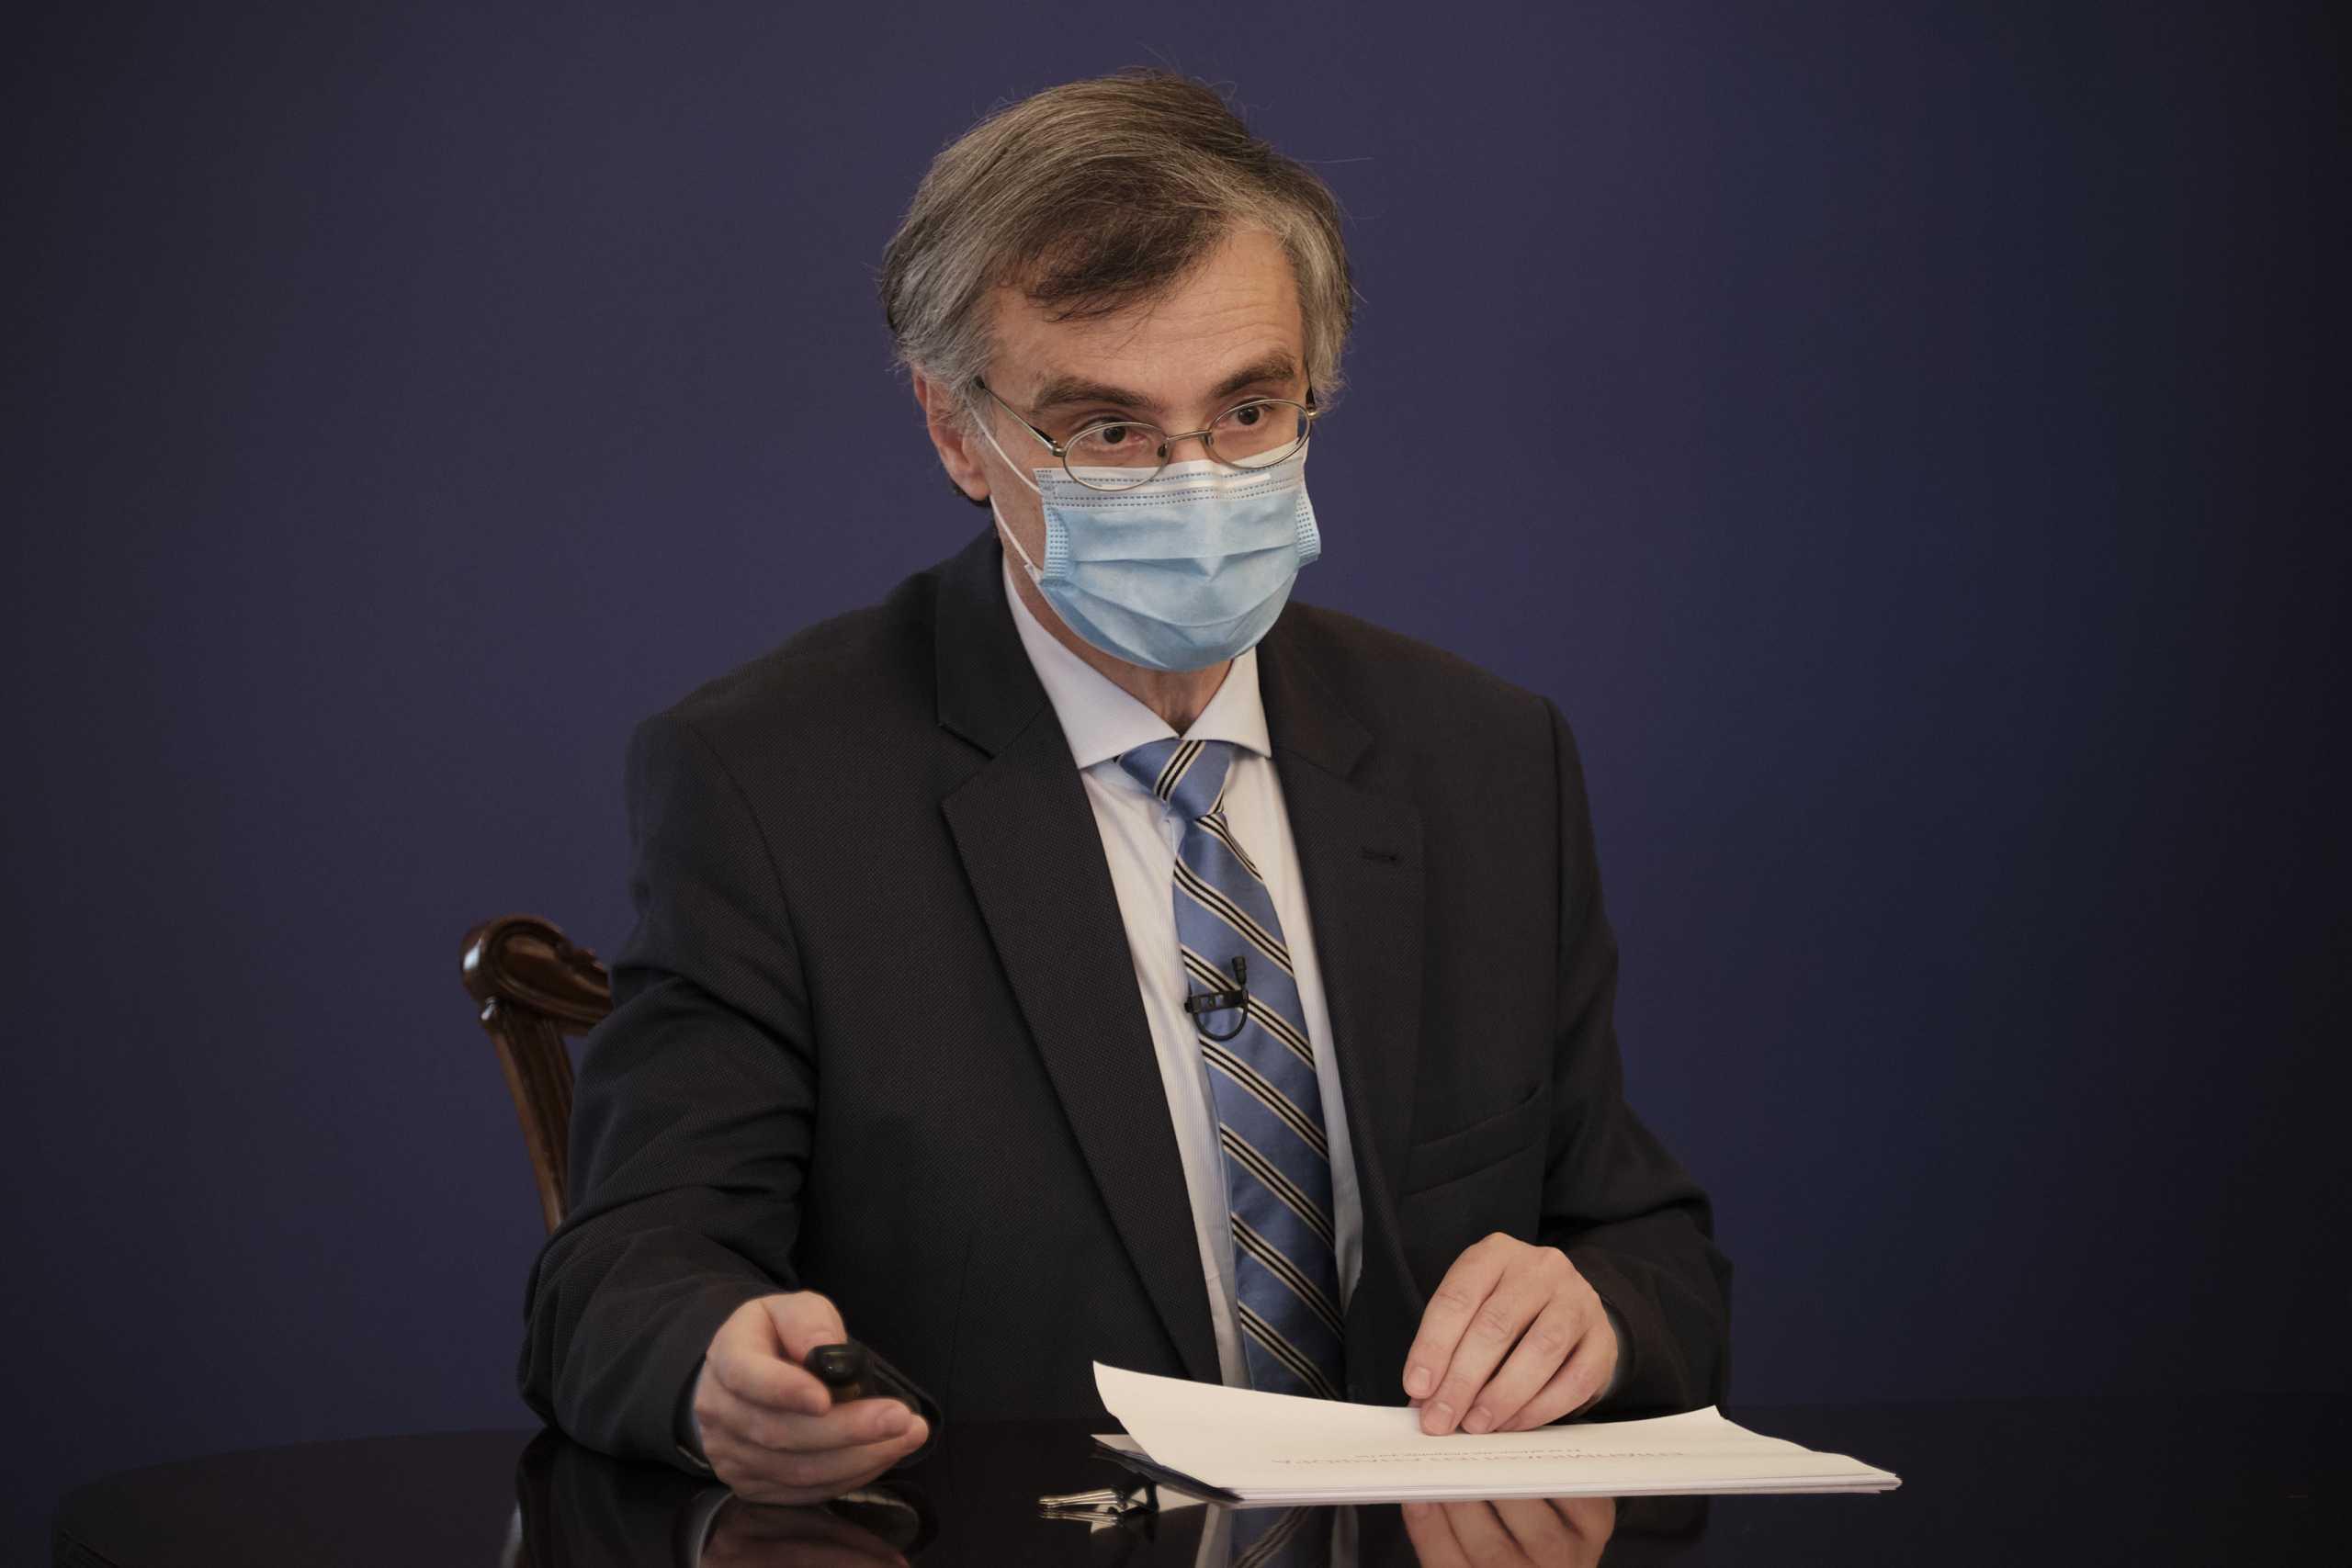 Σωτήρης Τσιόδρας – κορονοϊός: «Ακούγονται πολλές αντιεπιστημονικές ανοησίες» – Έξαρση σε περιοχές με πολλούς ανεμβολίαστους